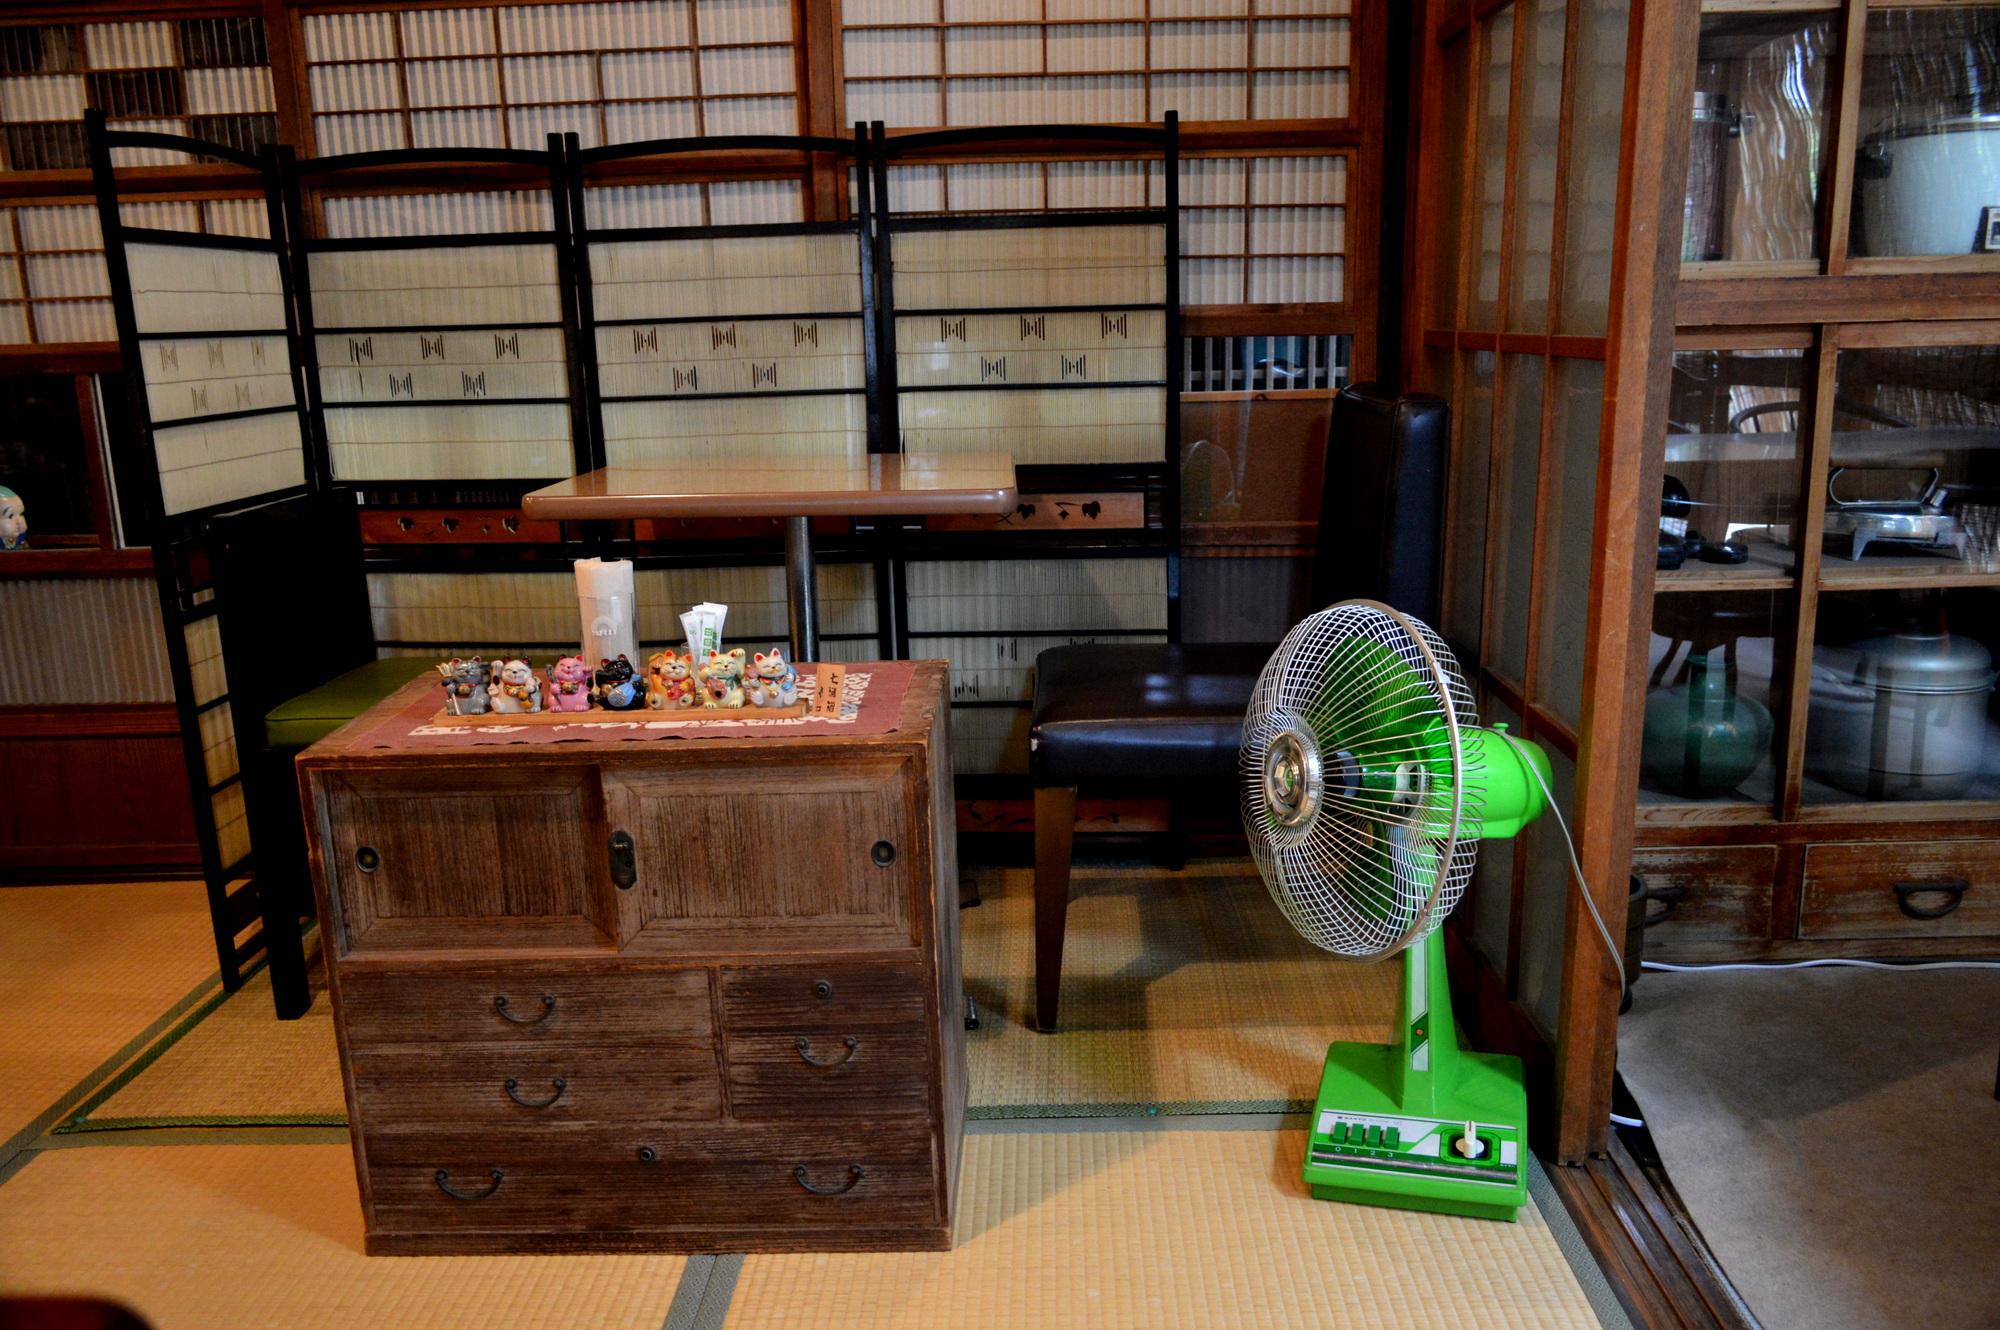 仁亭の道具は昭和の時代のモノばかり